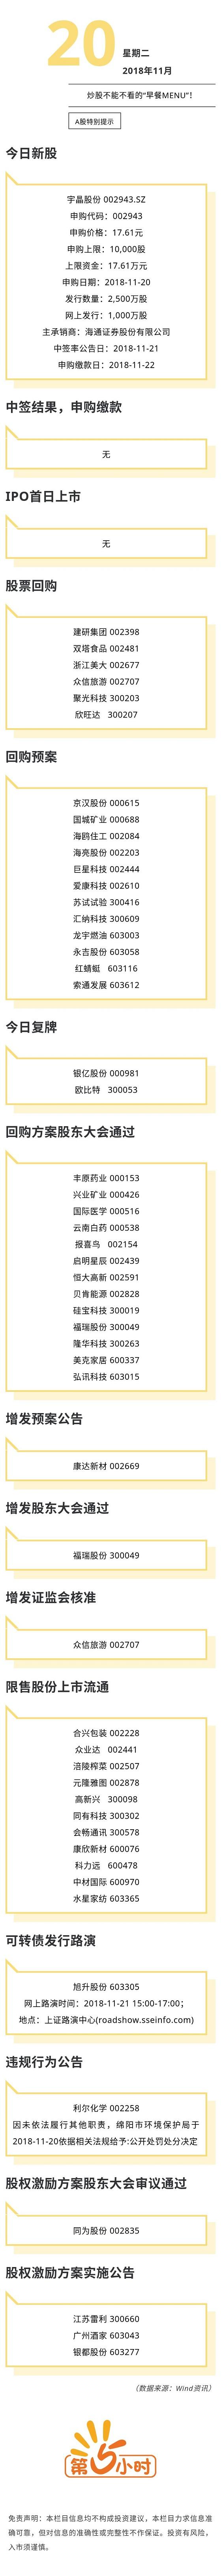 A股特别提示(2018-11-20).jpg